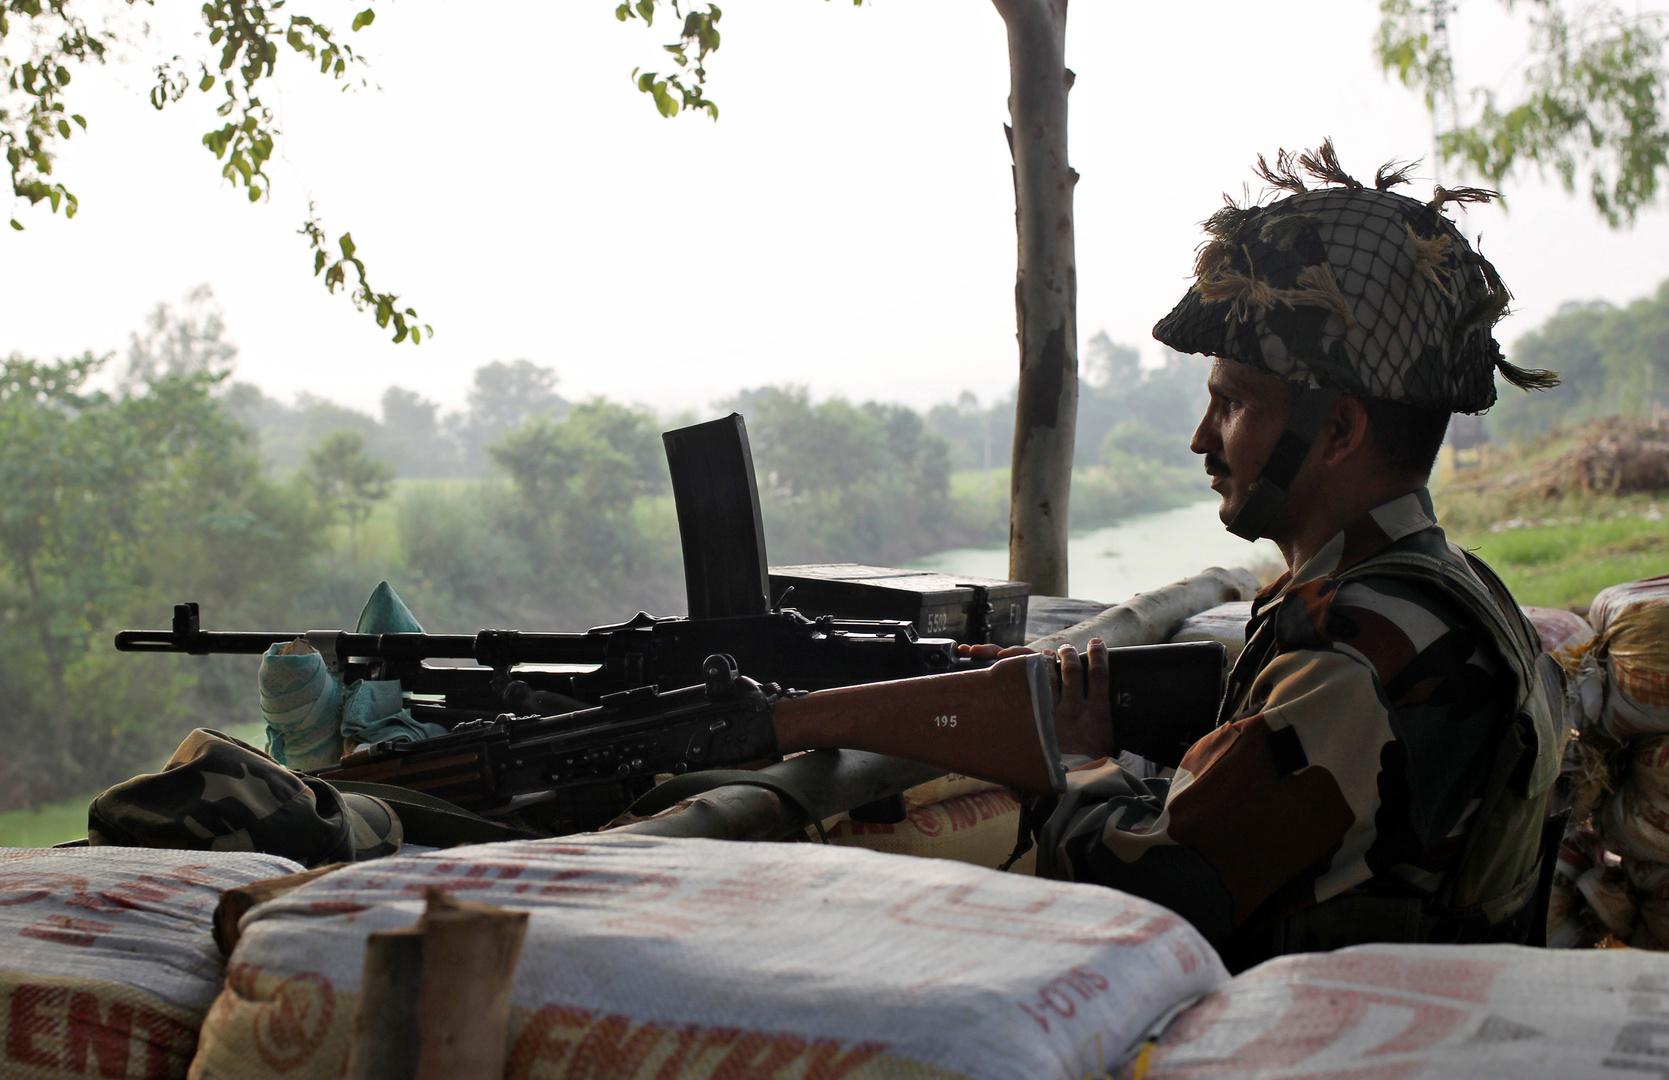 جندي هندي من حراس الحدود قبالة الأراضضي الباكستانية.